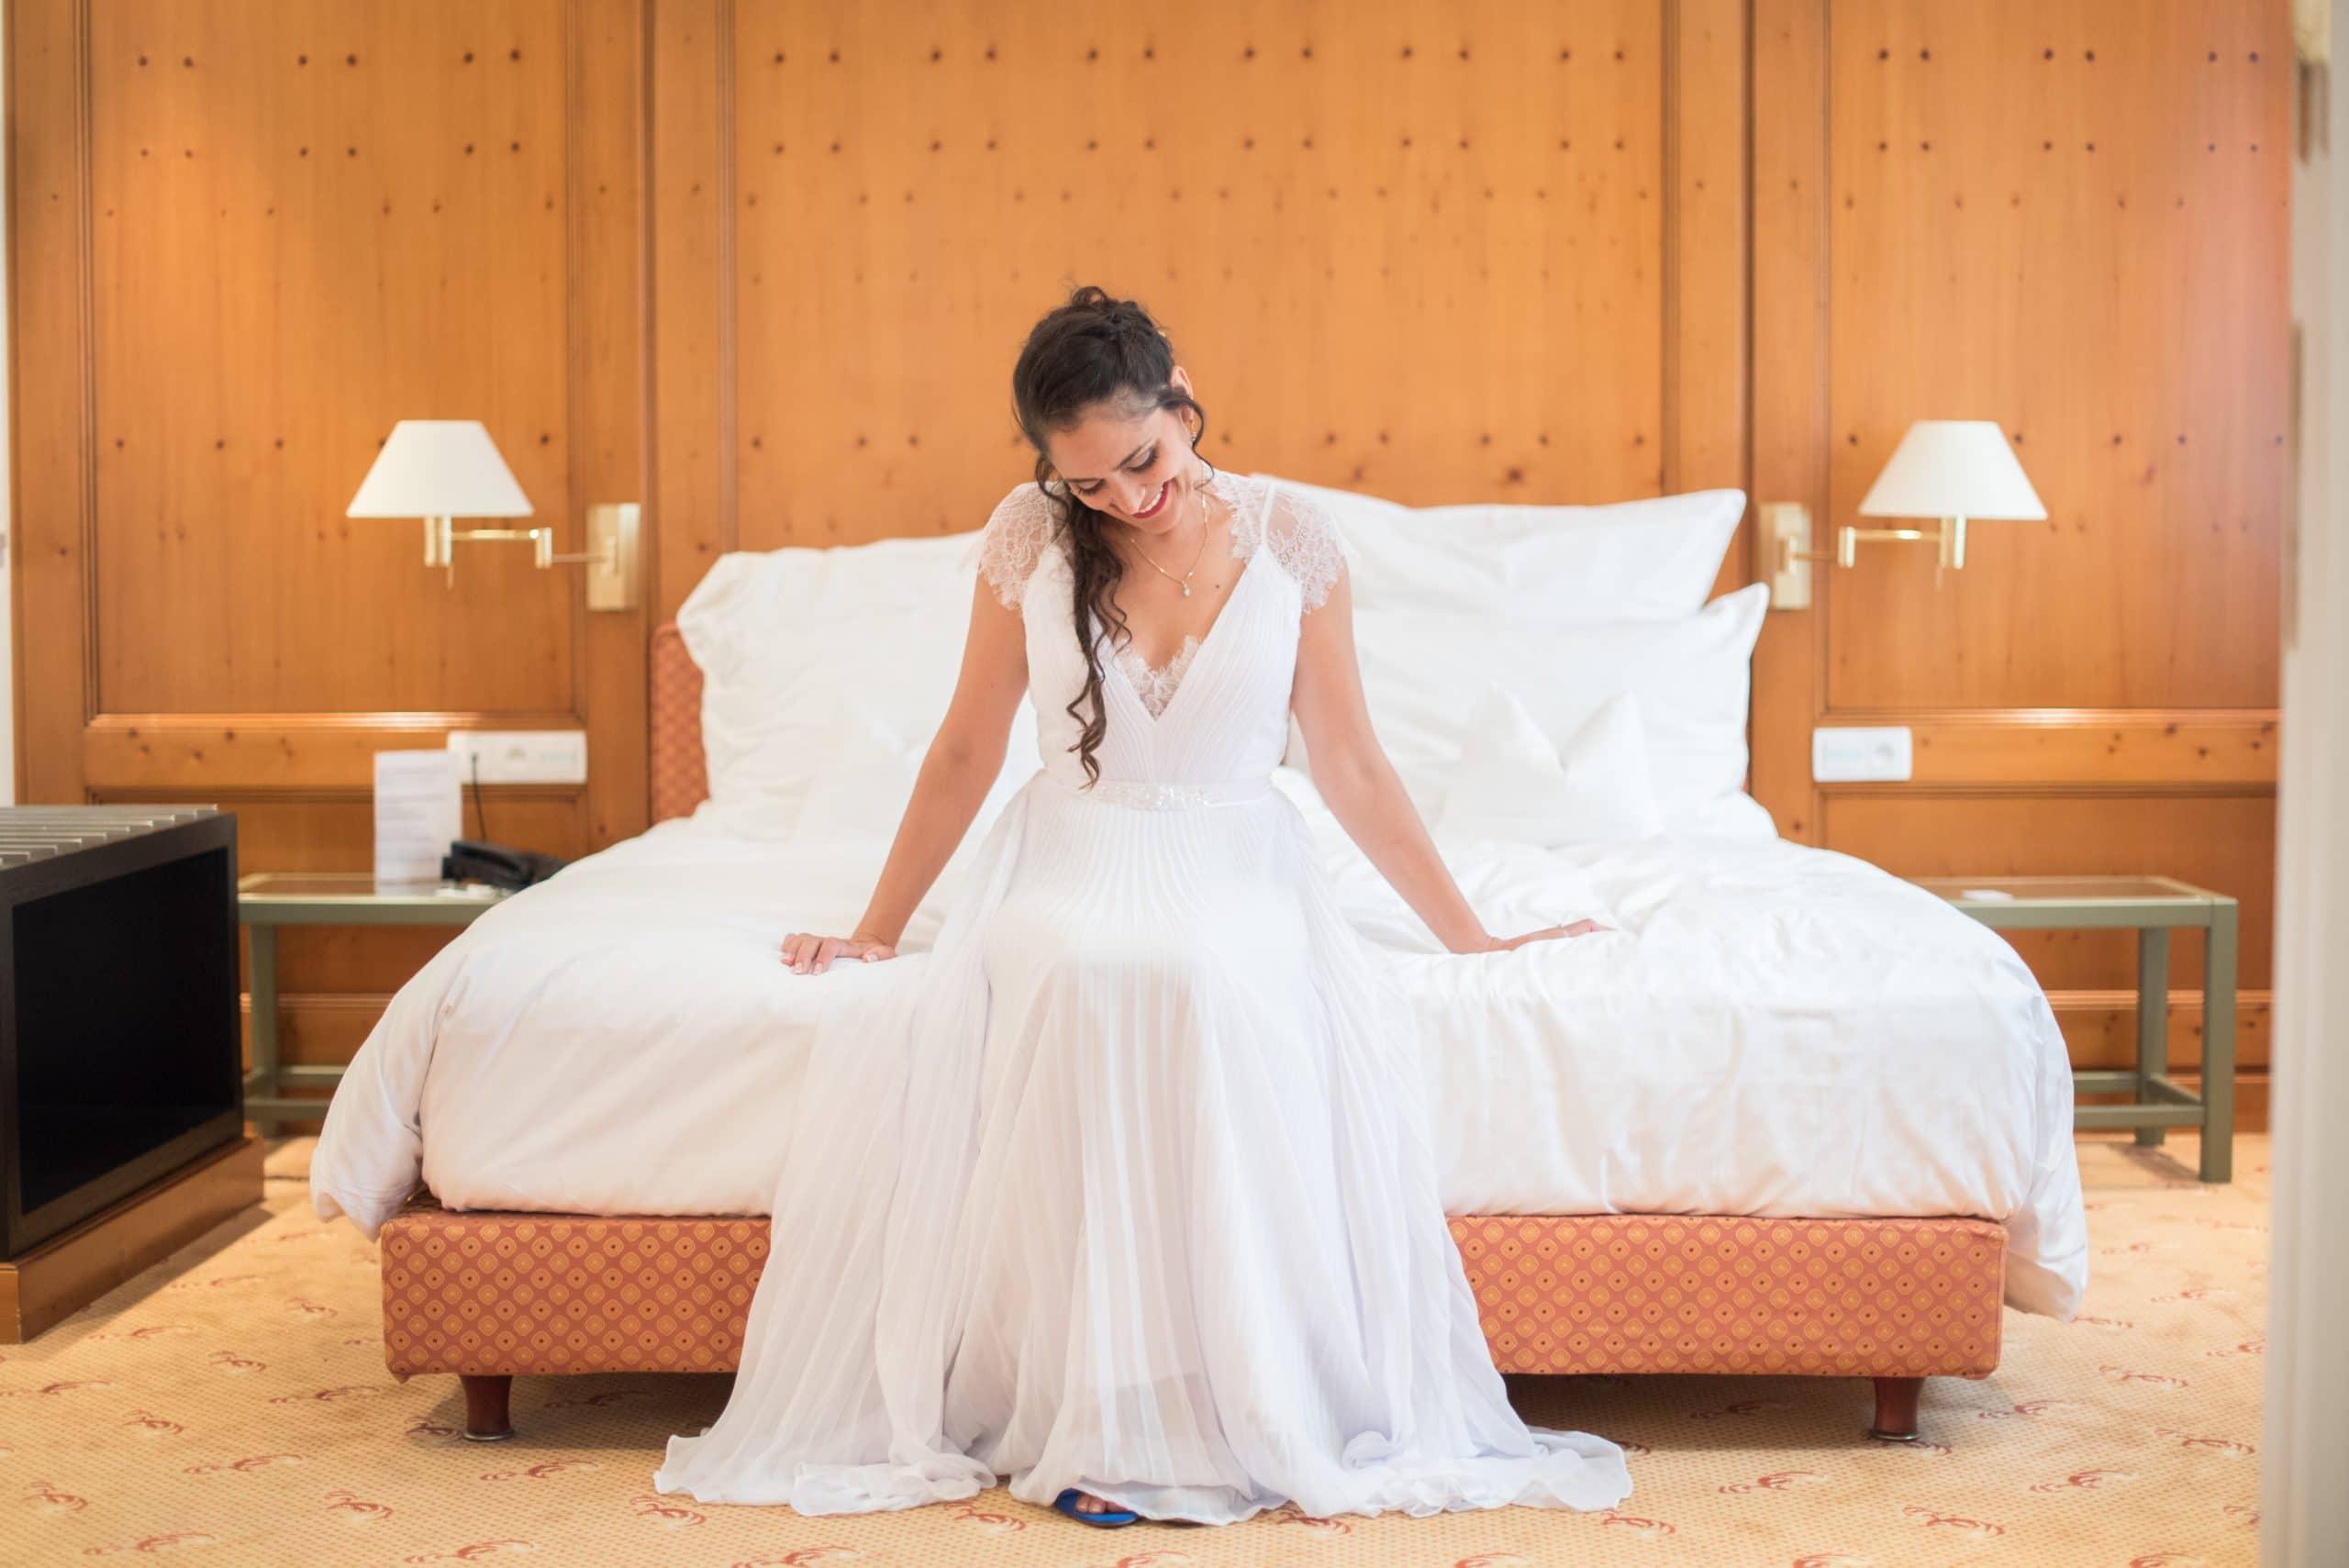 photographe de mariage en alsace / A propos & Philosophie de travail